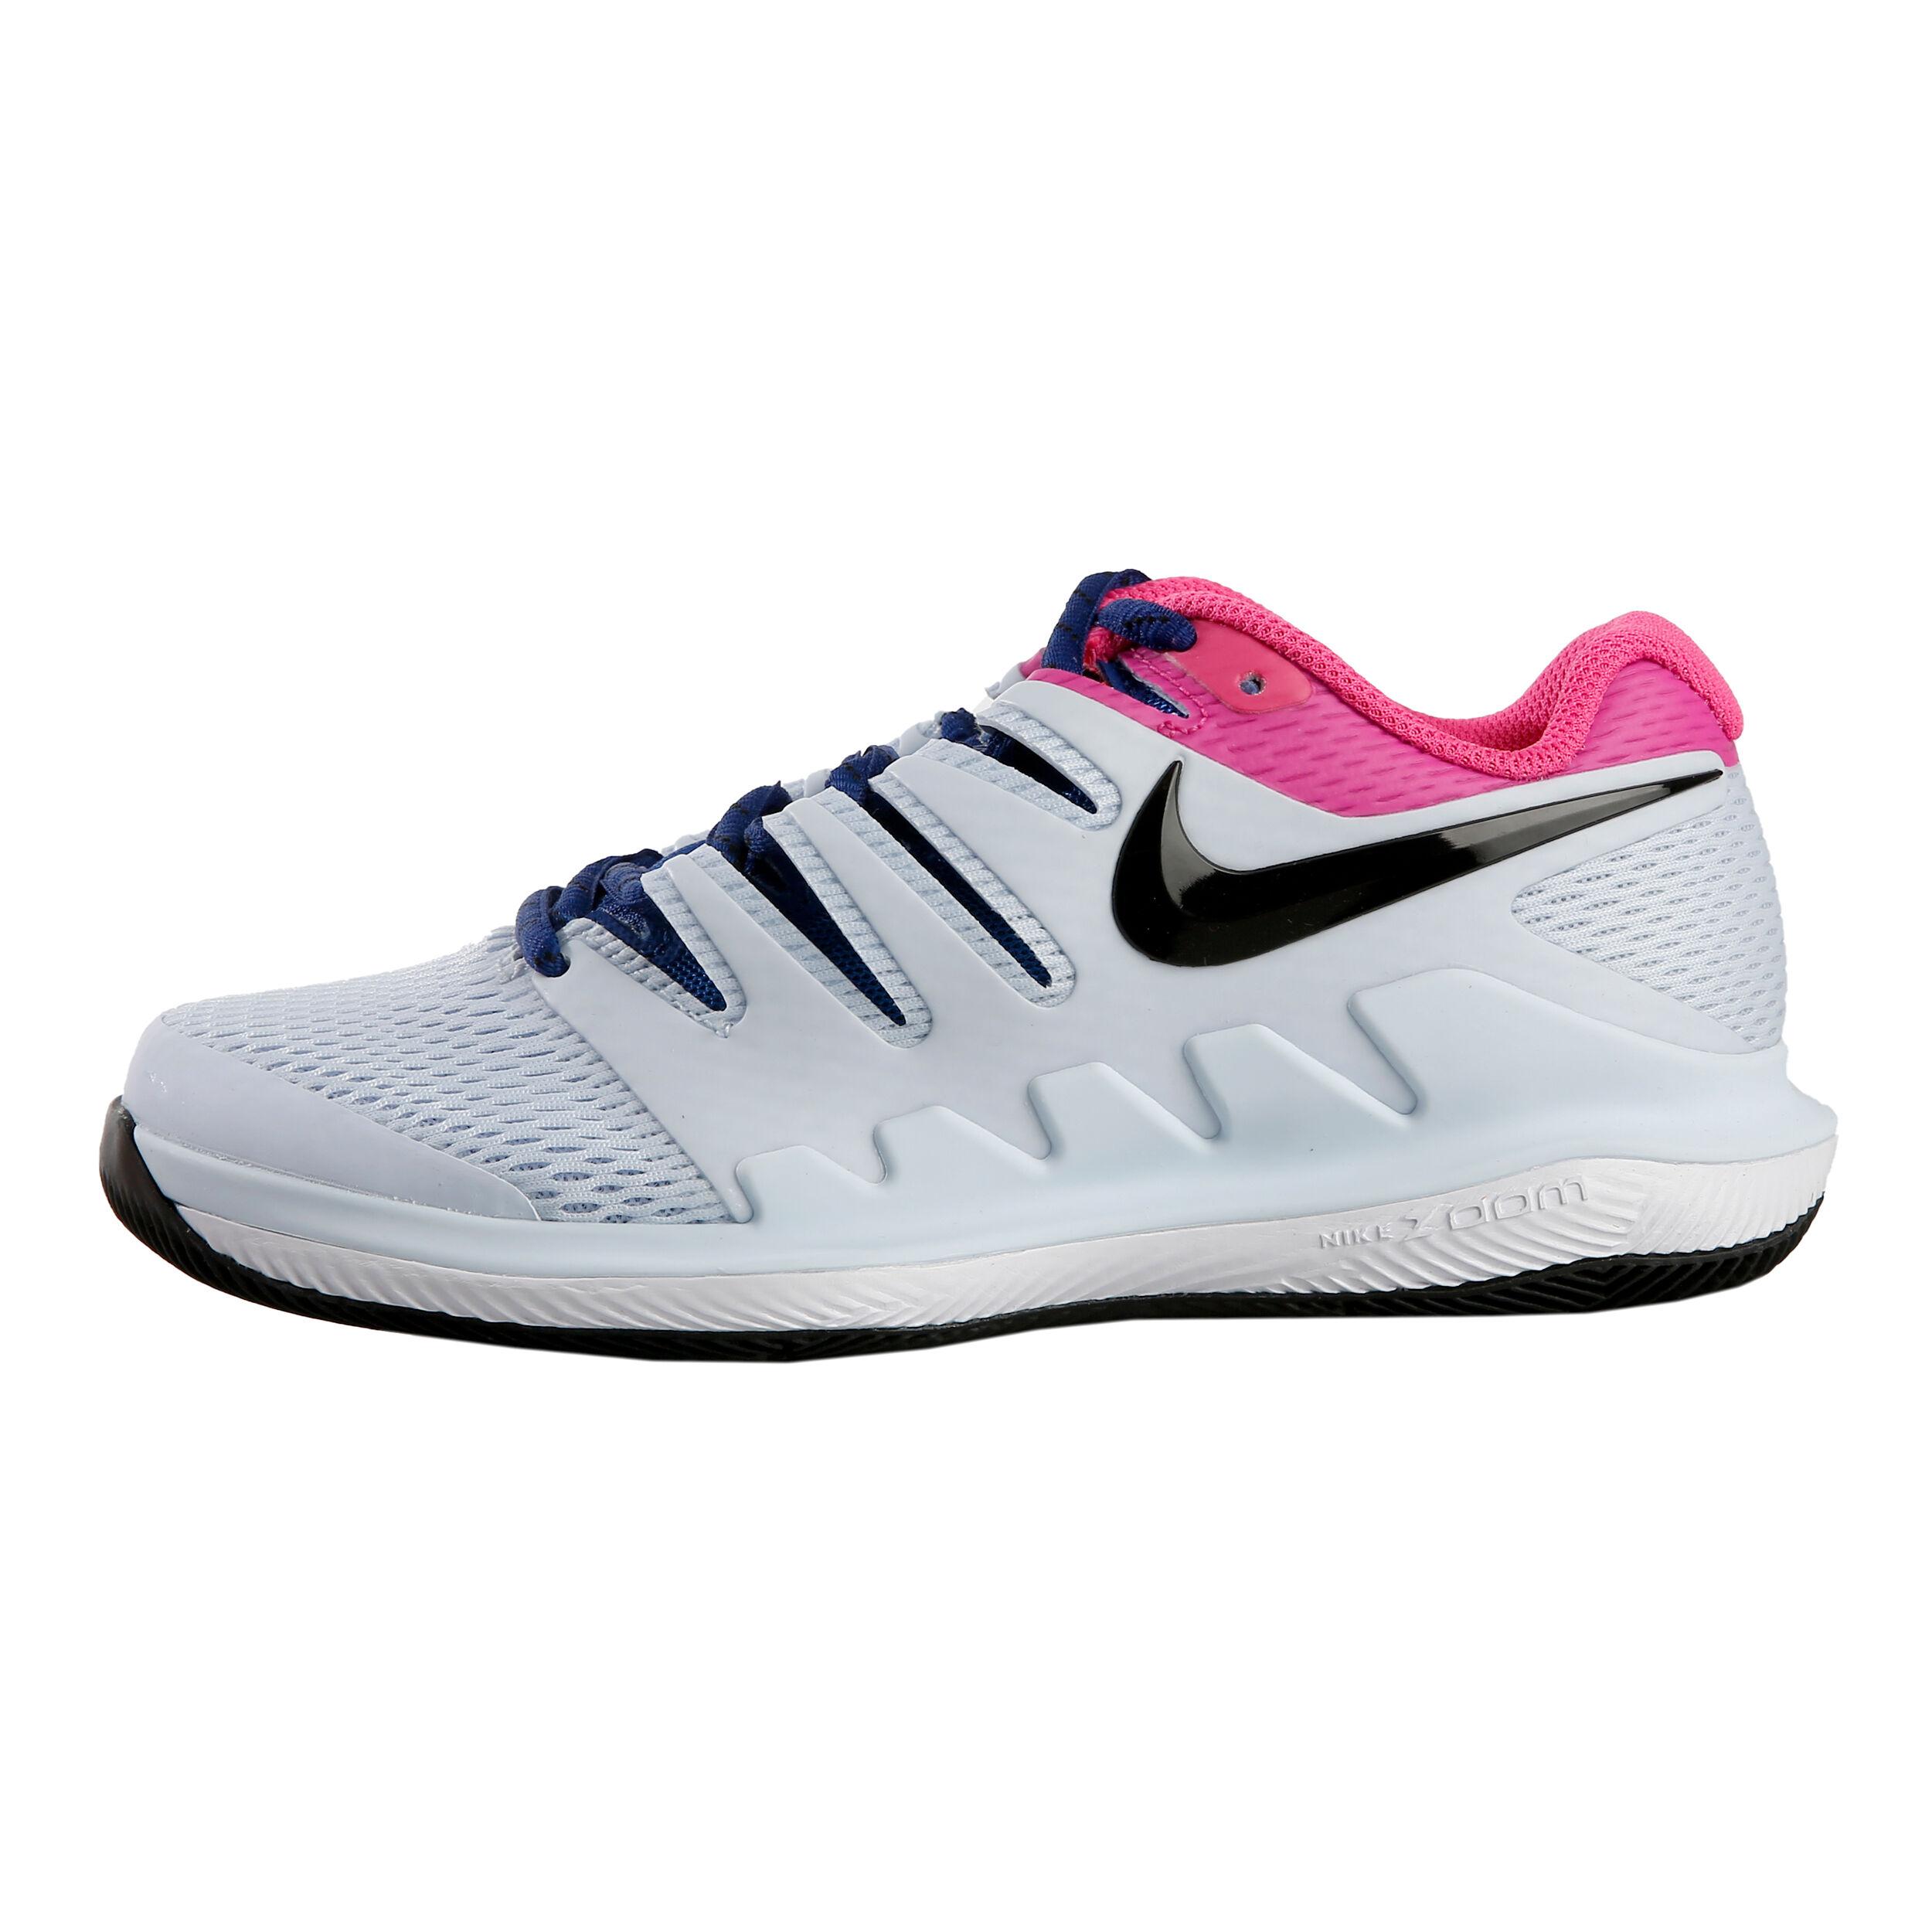 Bleu Tout Enfants Air X Nike Zoom Vapor Chaussure Clair Terrain TFK1Jul3c